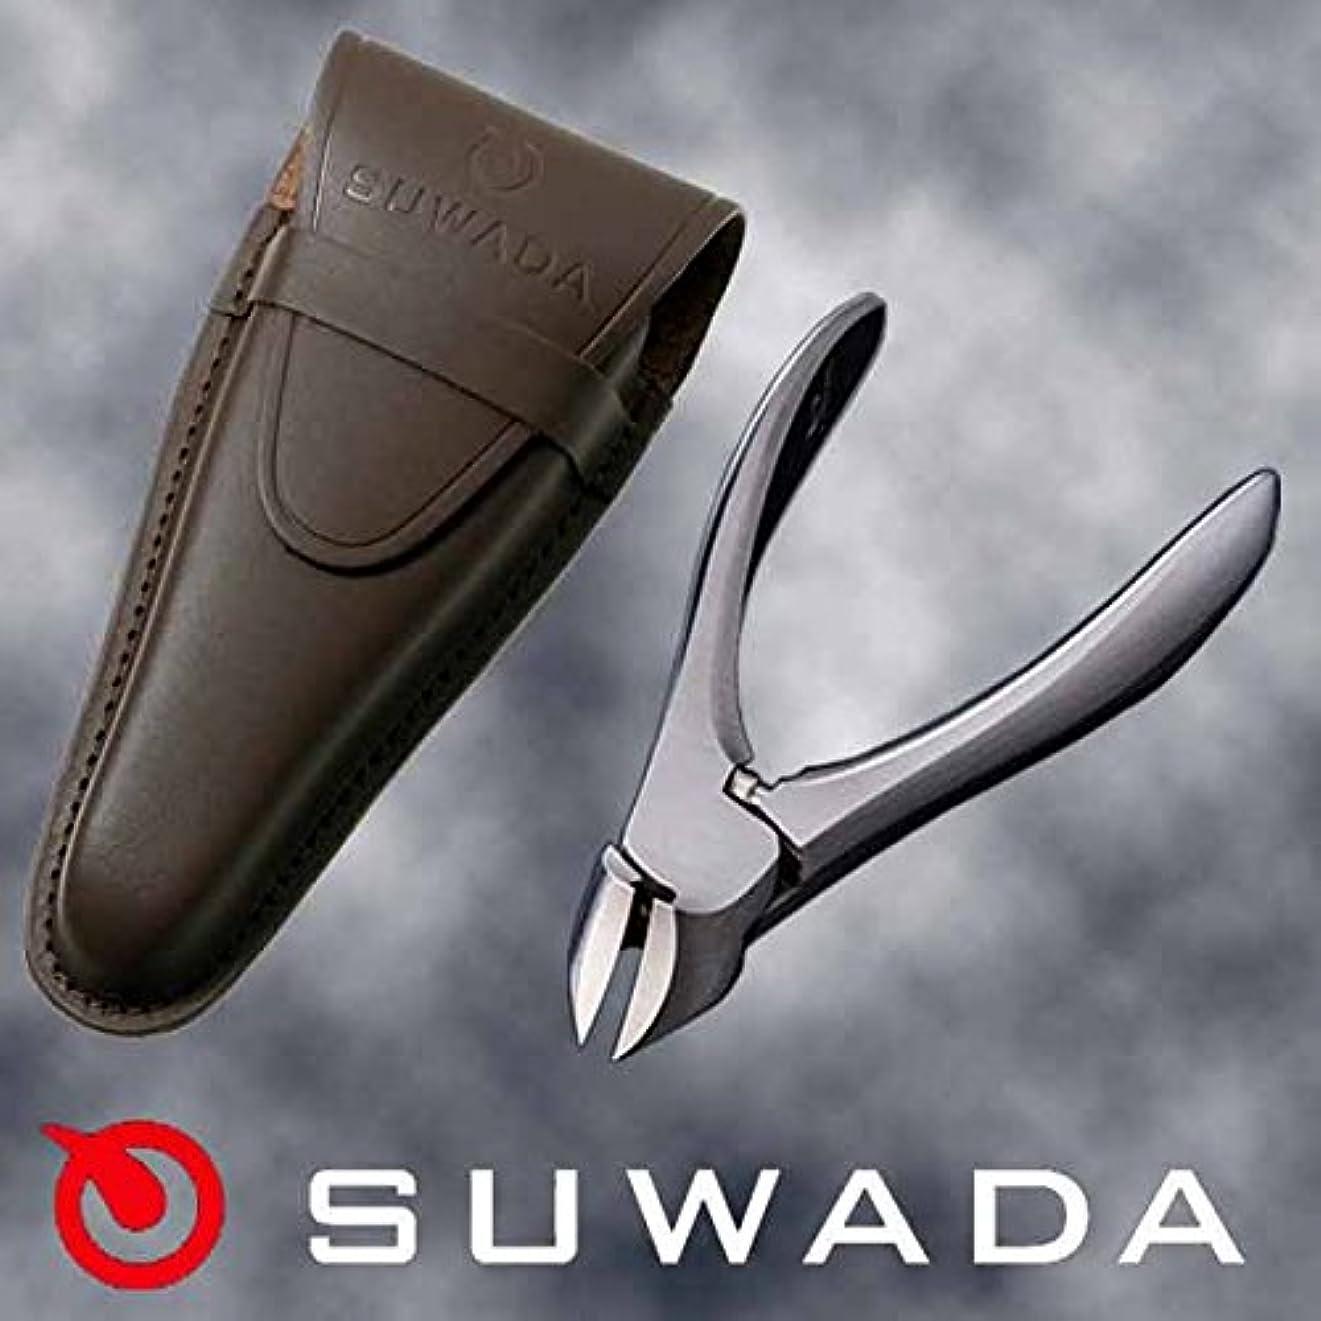 カーテン勘違いする手綱SUWADA爪切りクラシックL&ブラウン(茶)革ケースセット 特注モデル 諏訪田製作所製 スワダの爪切り